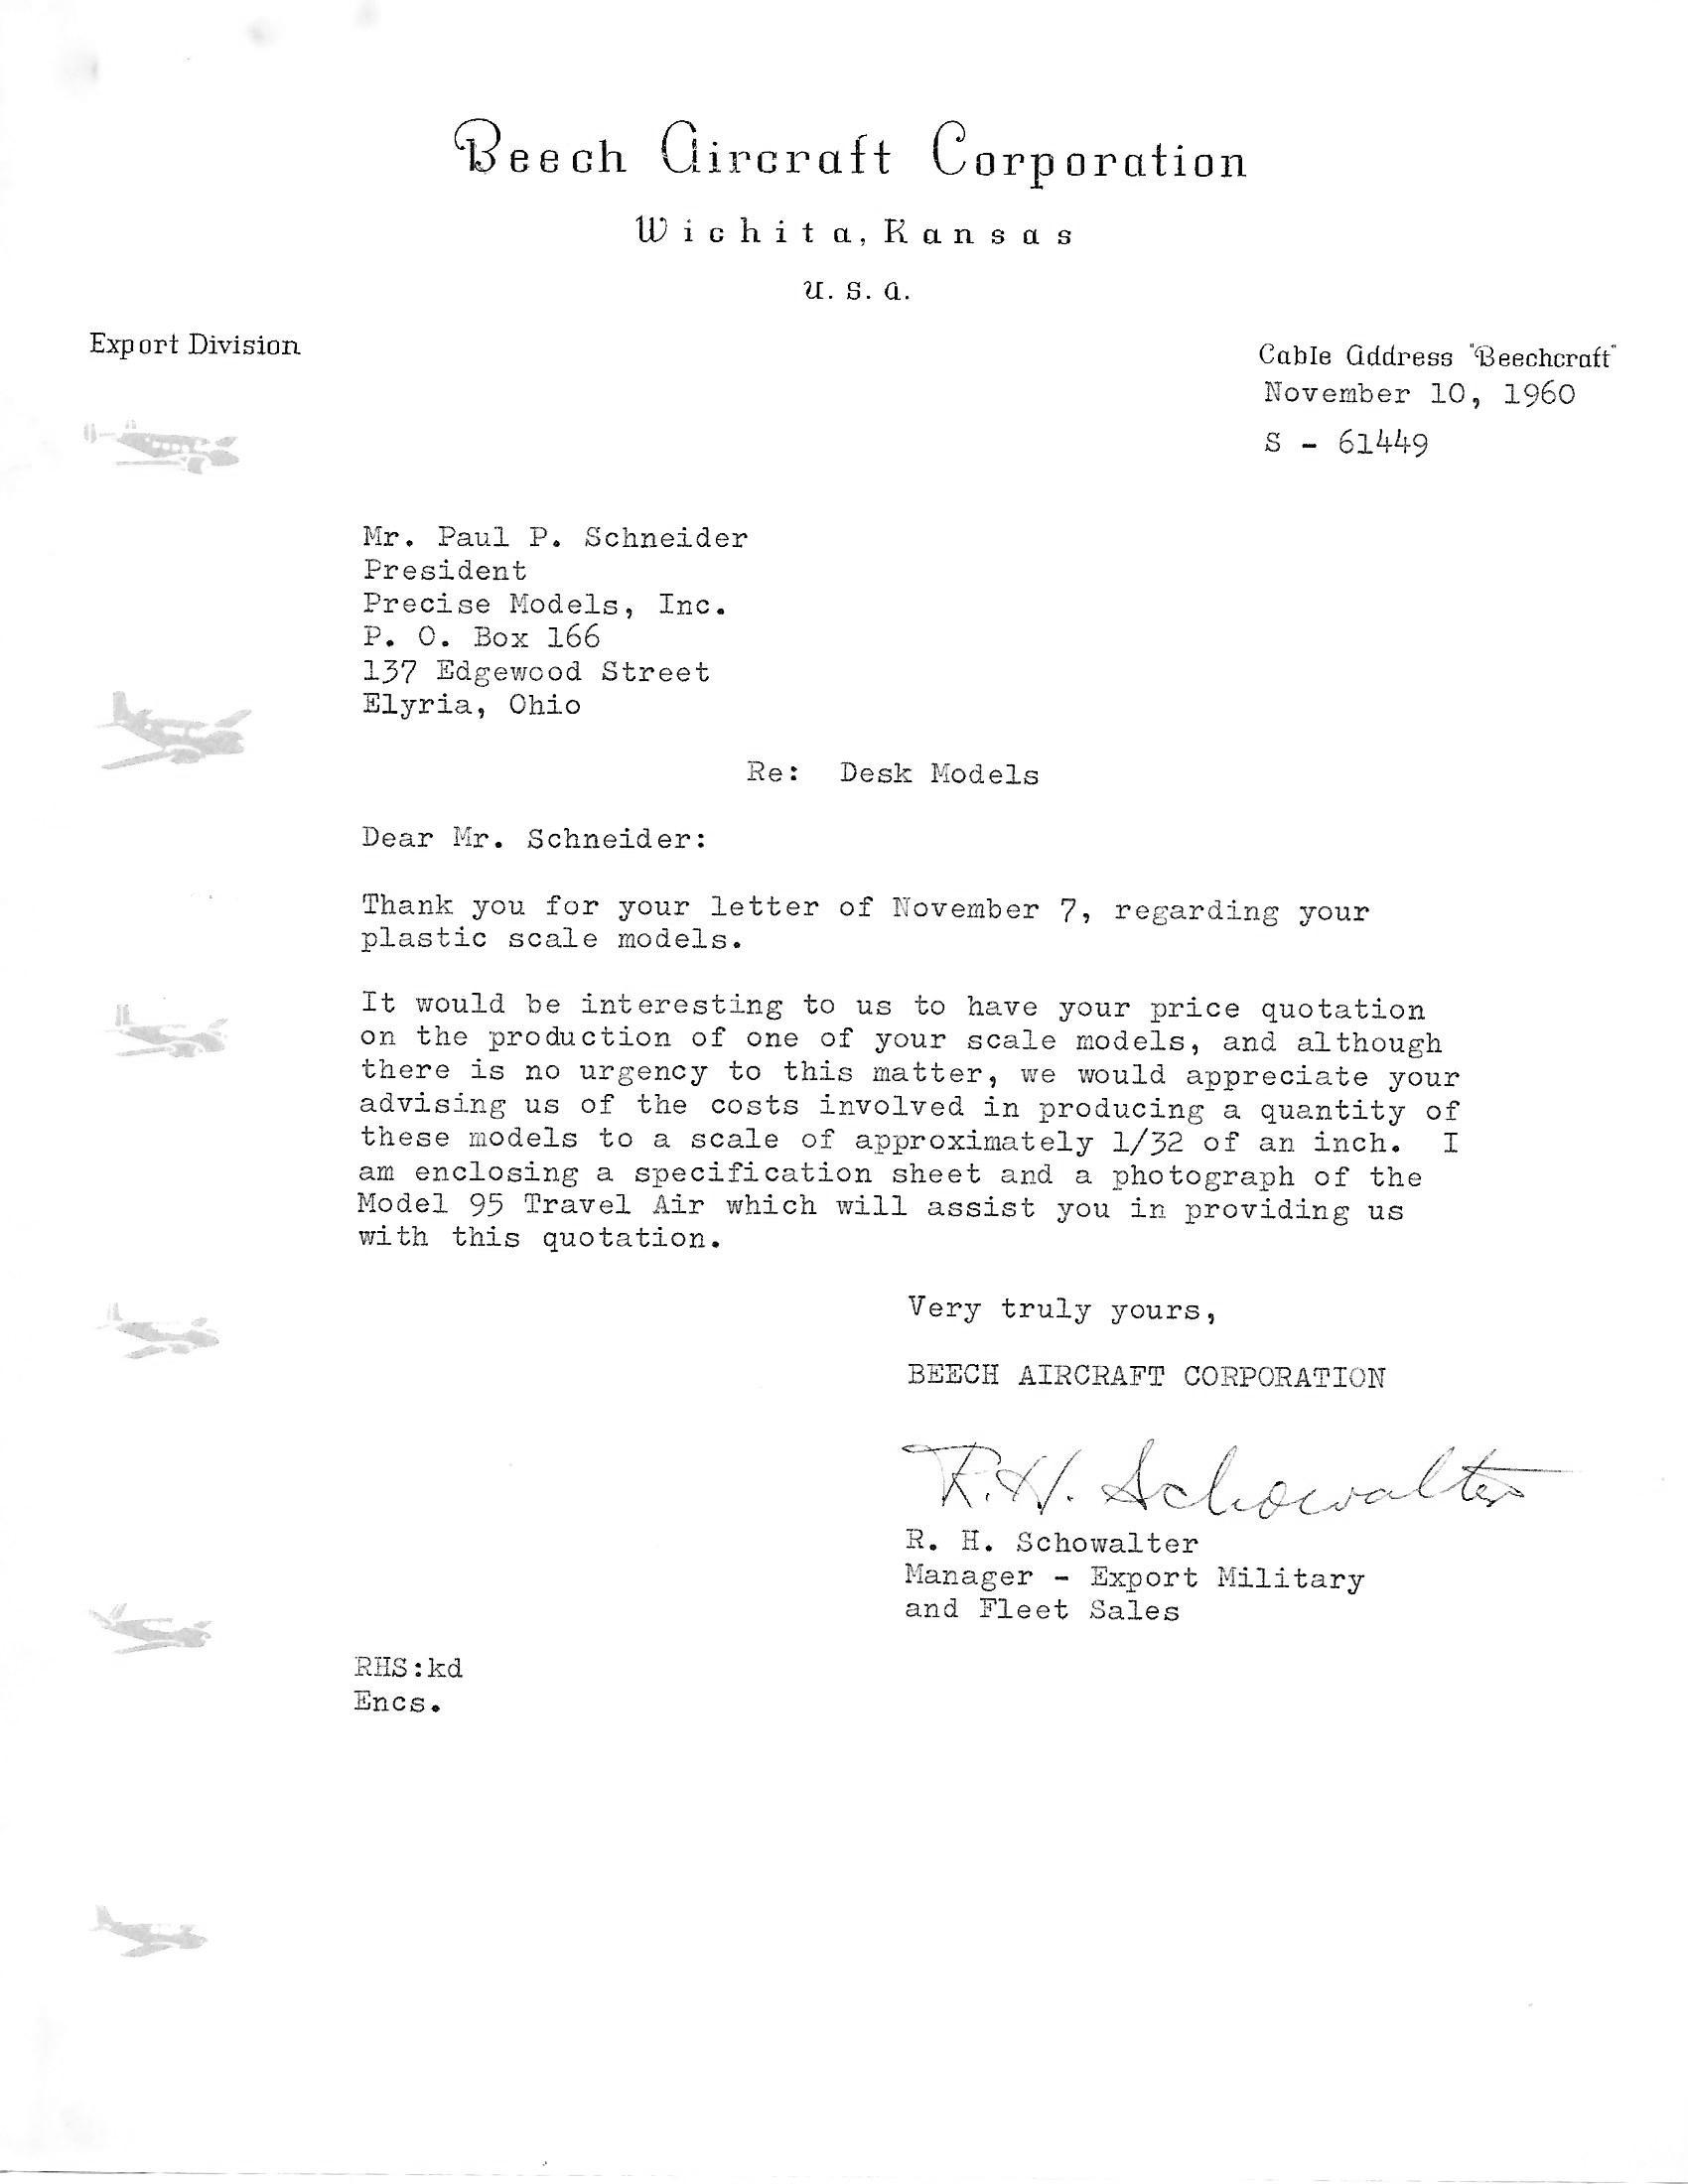 Beech Model 95 letter